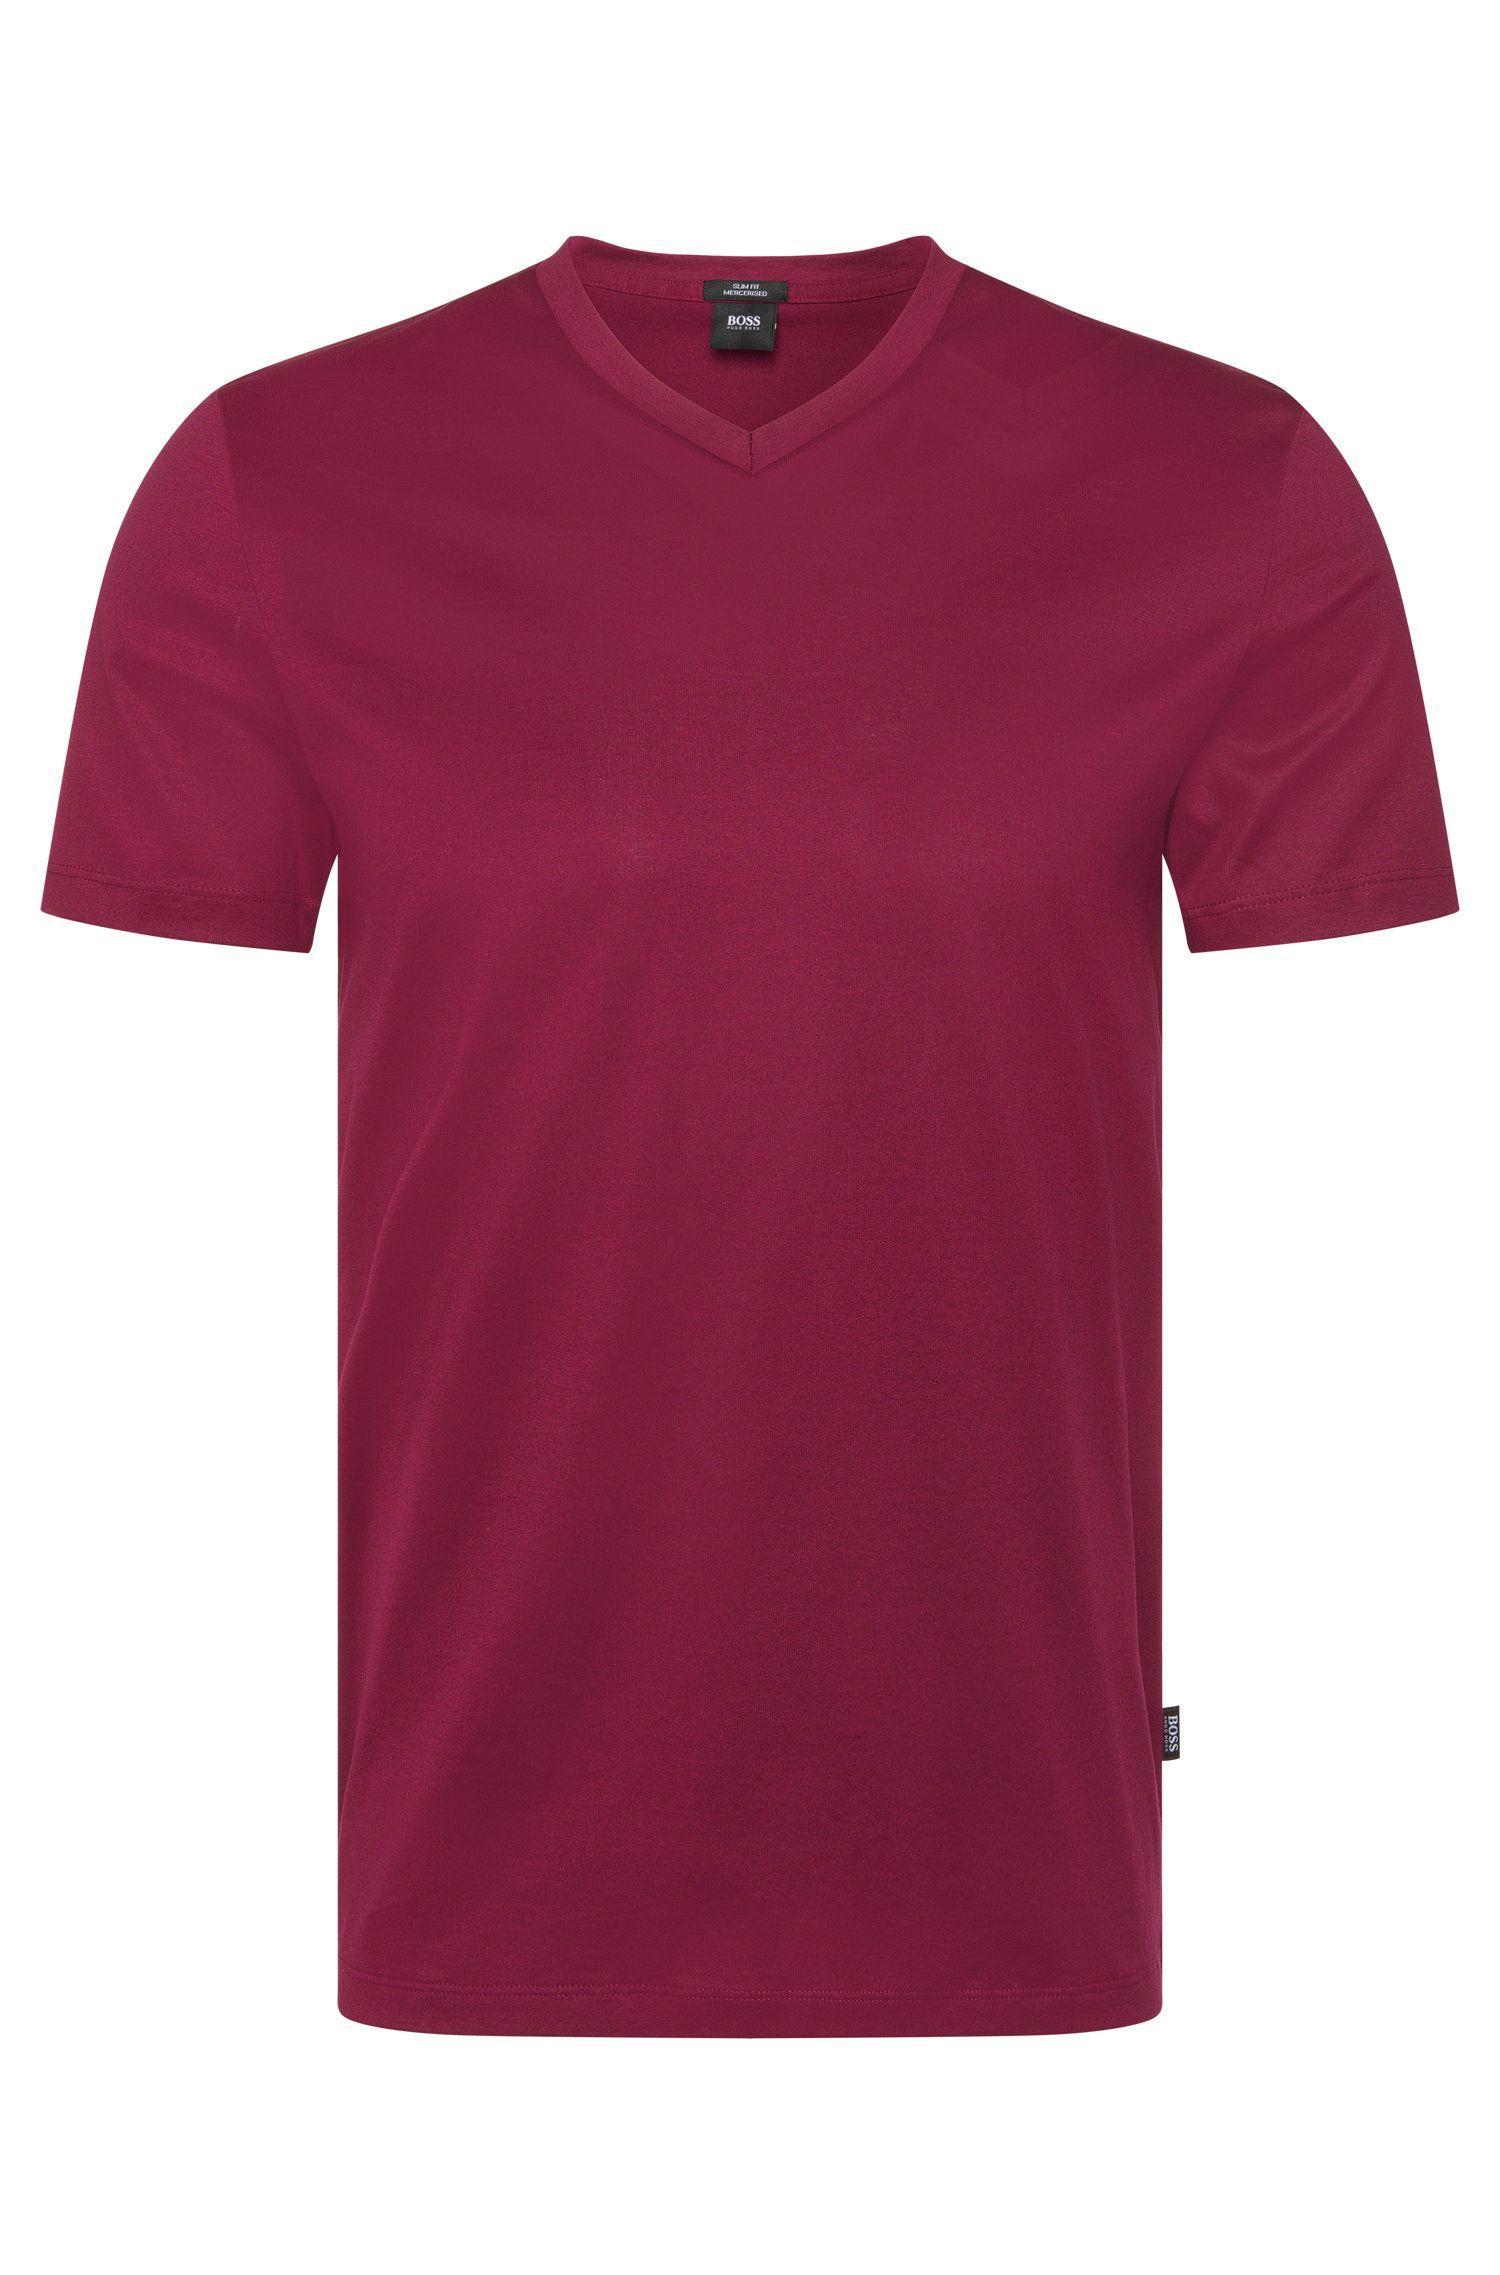 Camiseta lisa slim fit con escote en pico: 'Teal 14'